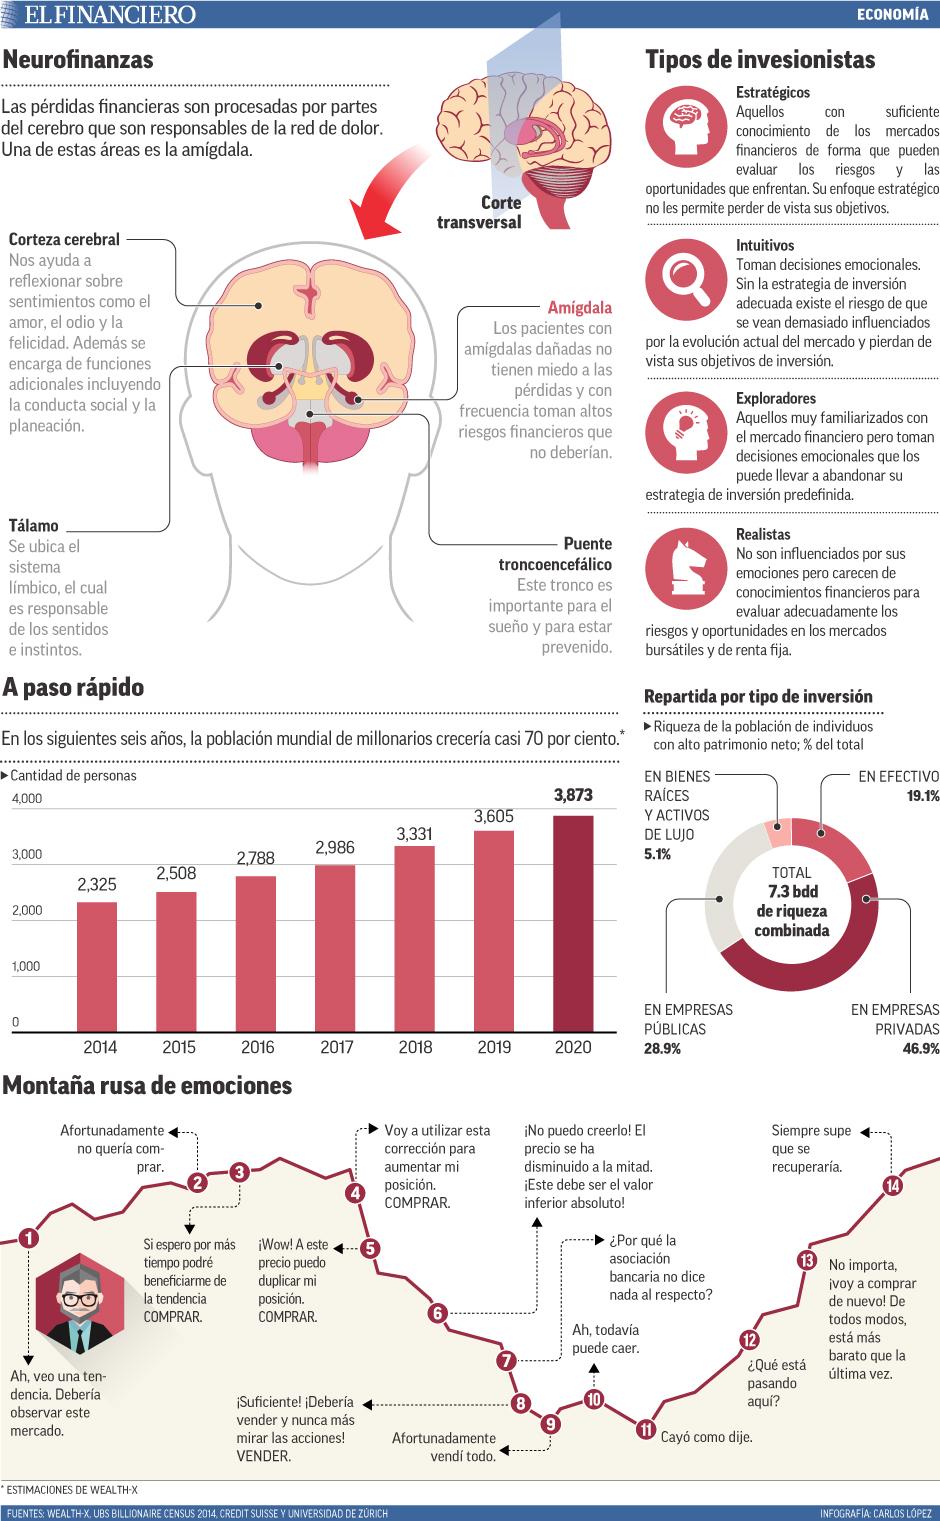 Las pérdidas financieras son procesadas por partes del cerebro que son responsables de la red de dolor. Una de estas áreas es la amígdala.